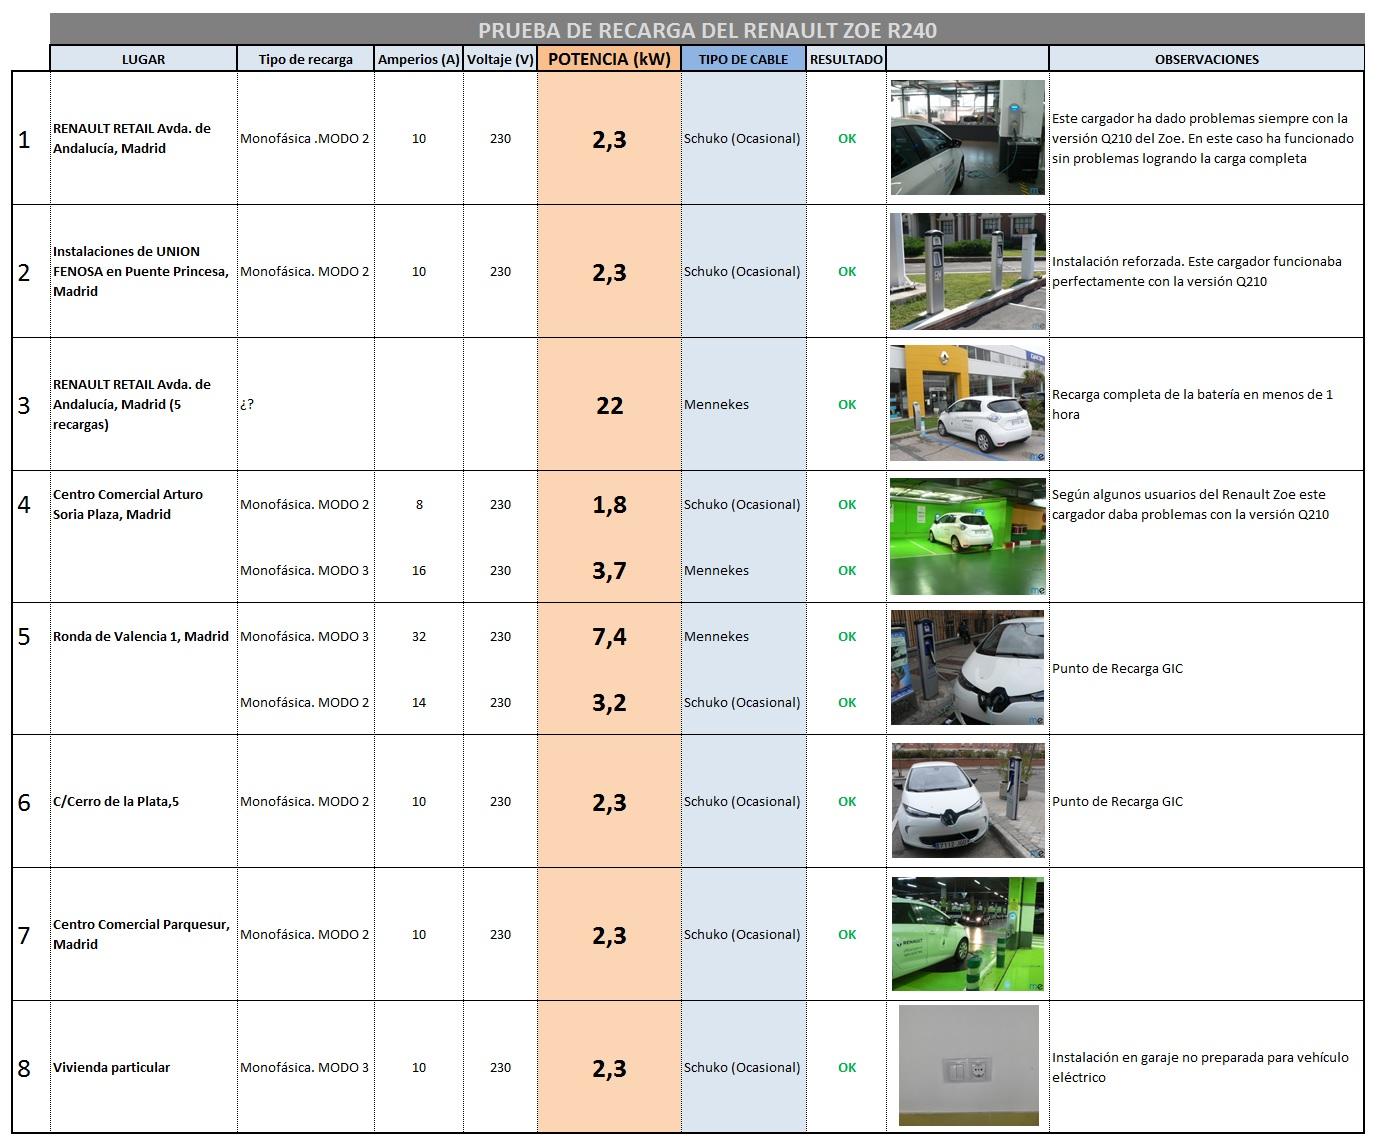 Tabla de recargas del Renault Zoe R240